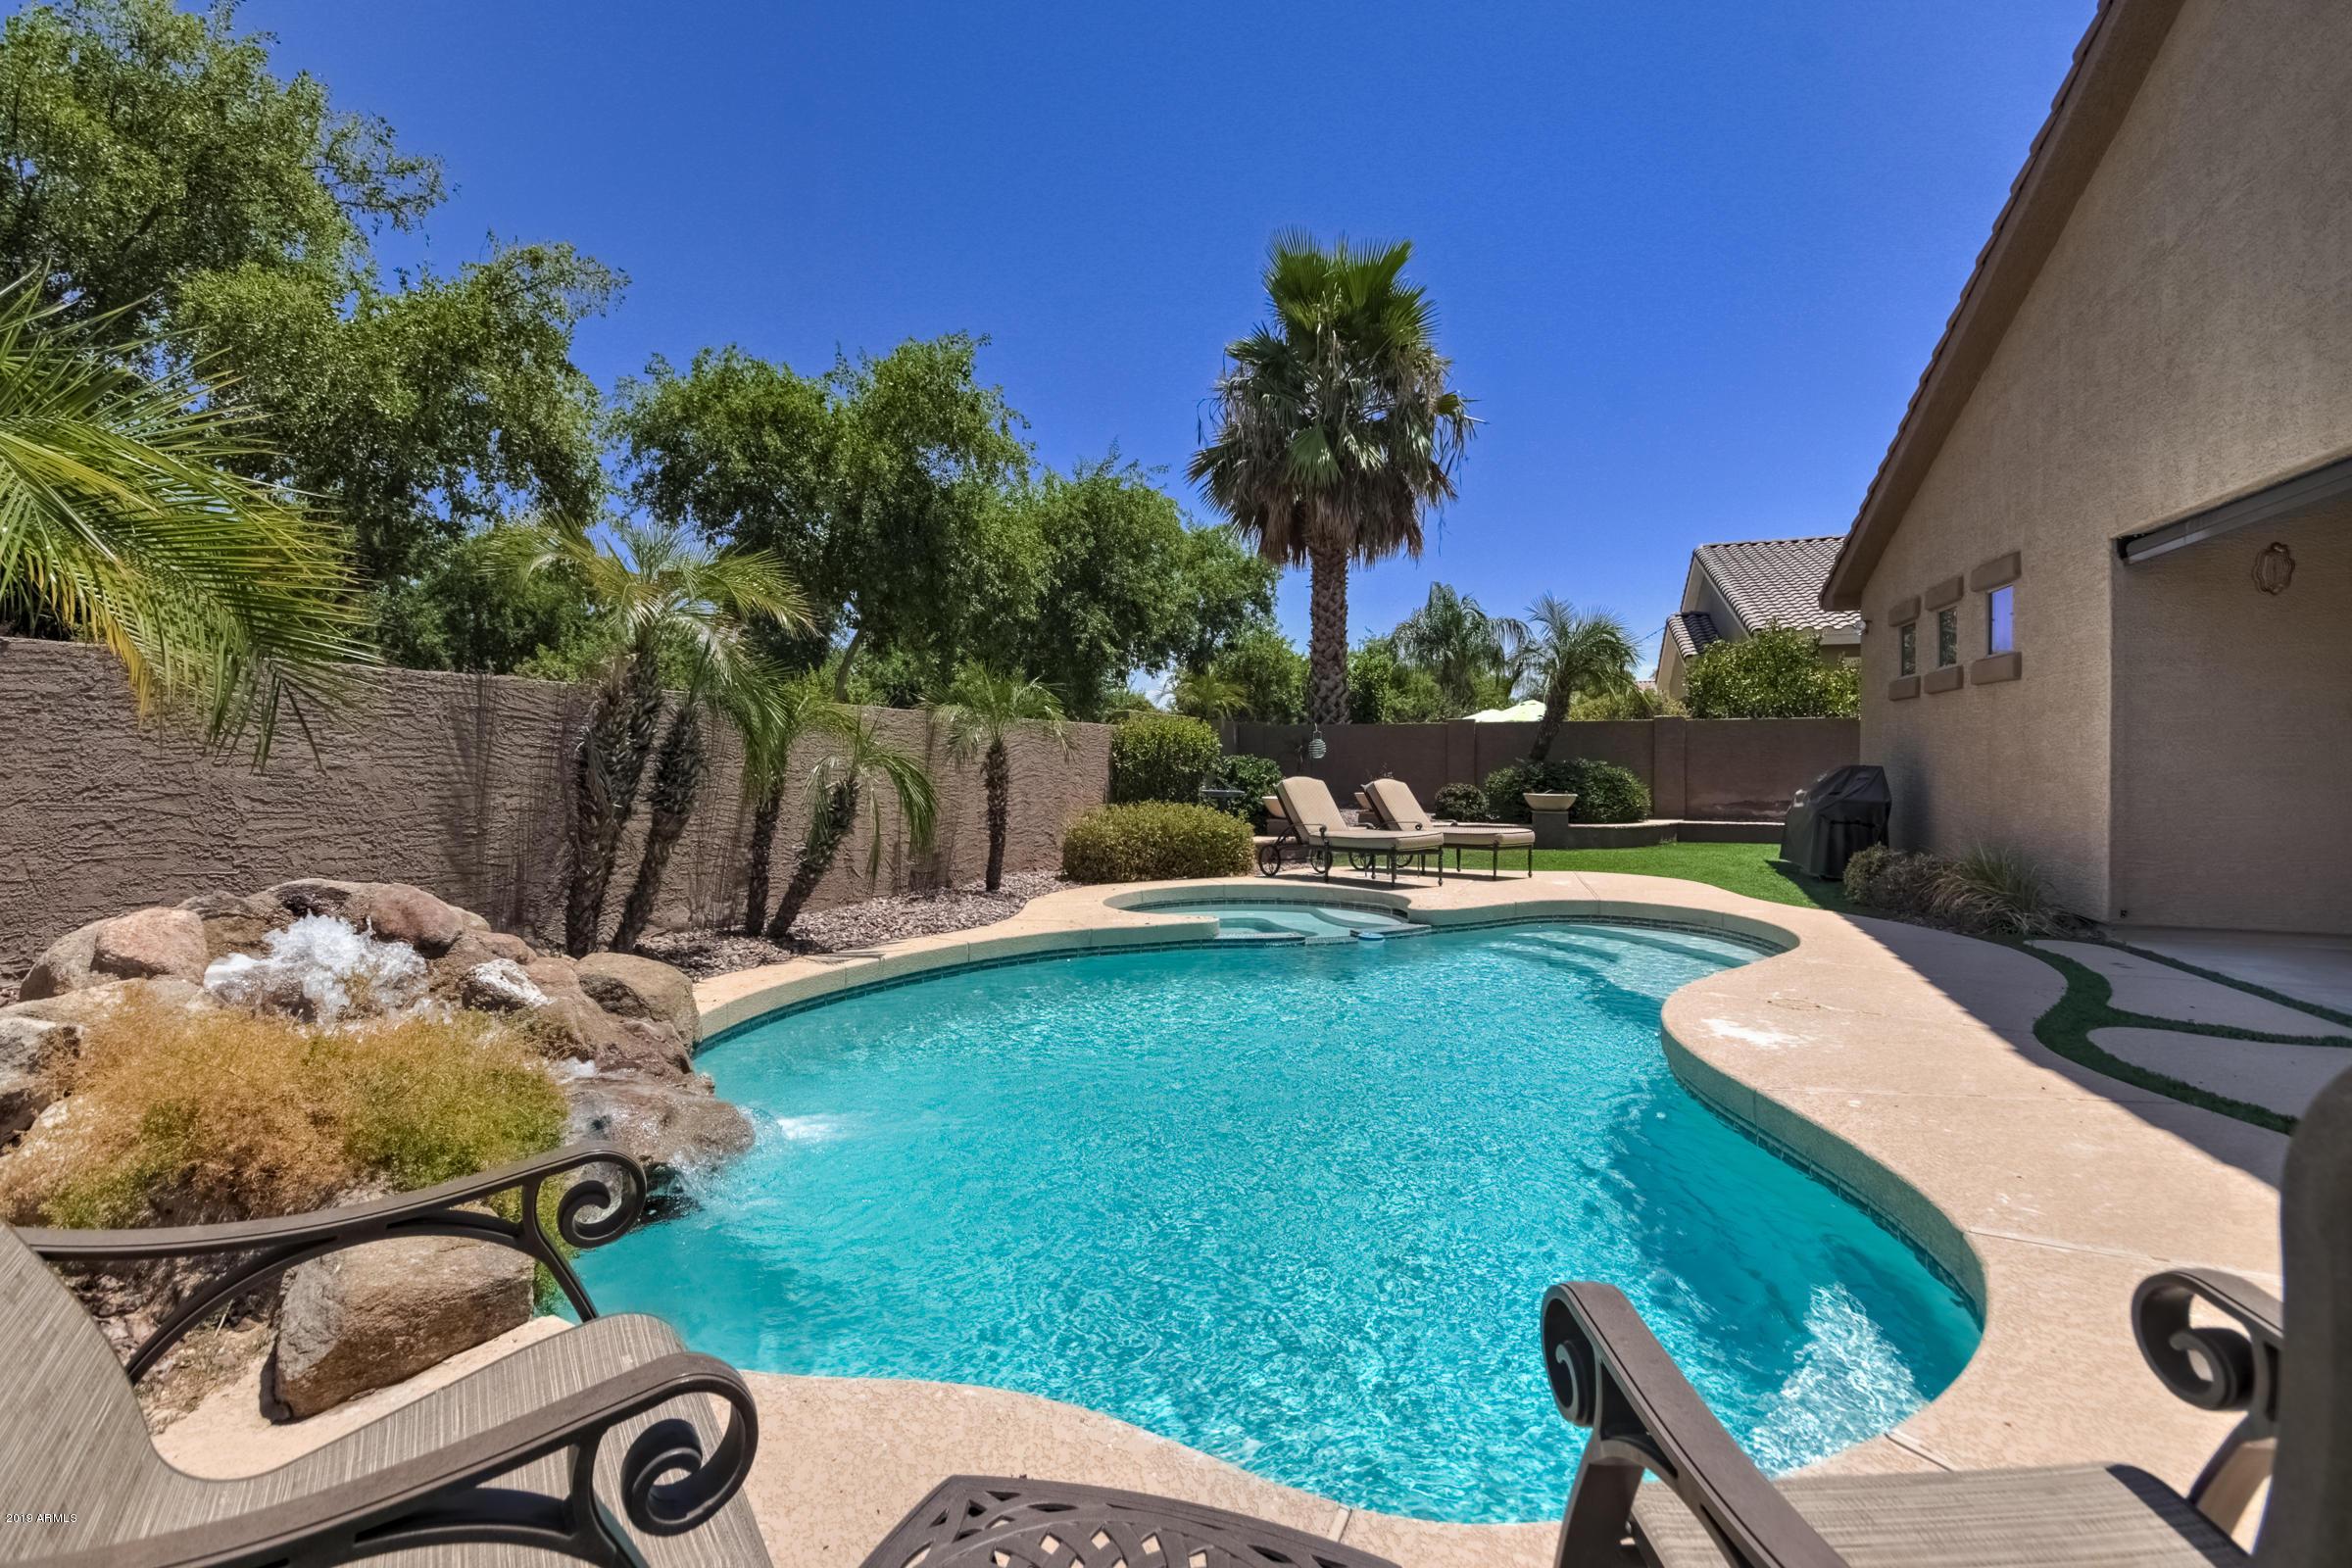 MLS 5956911 4324 E Reins Road, Gilbert, AZ 85297 Power Ranch